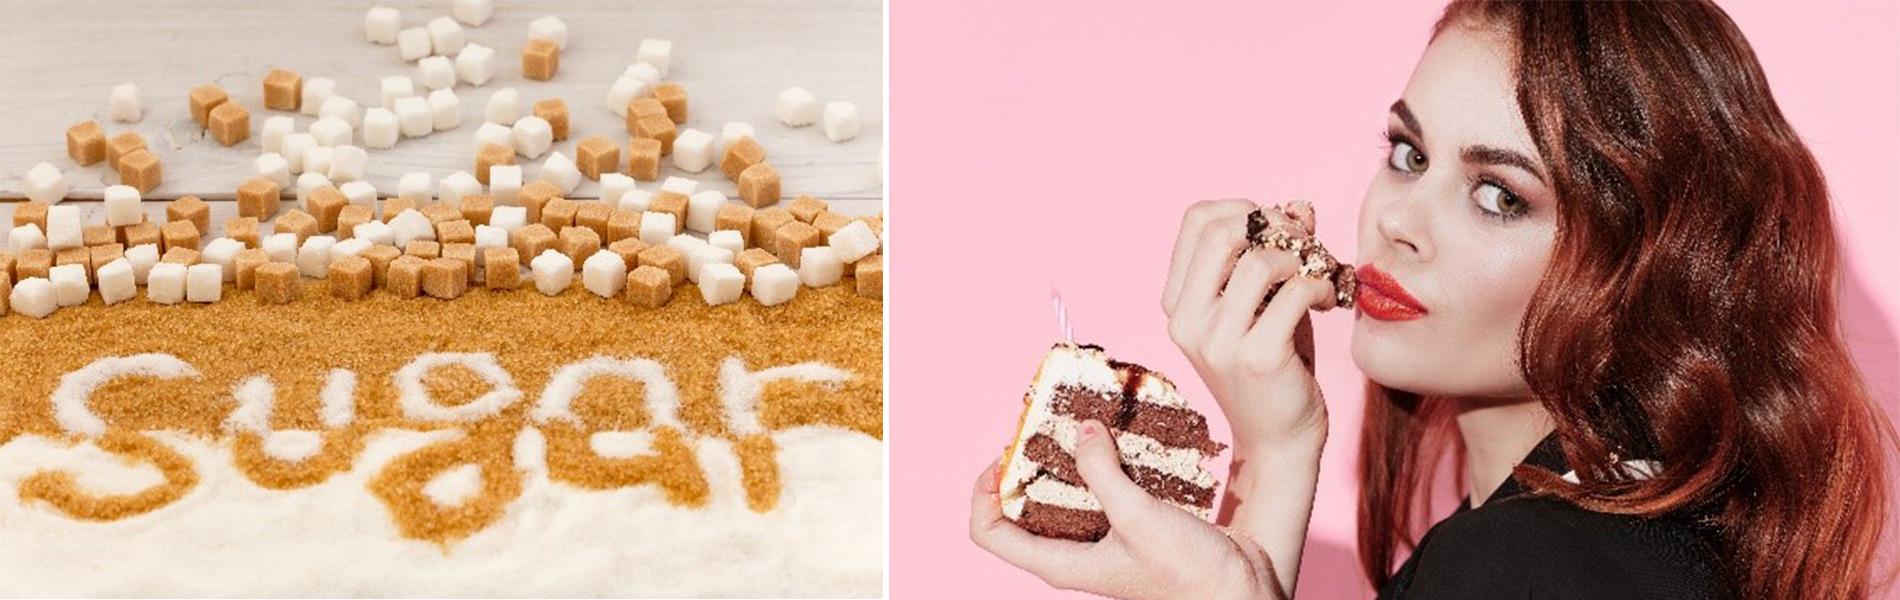 Ημερήσια κατανάλωση ζάχαρης: Πόσες γρ. ζάχαρης ανά ημέρα;;; 1